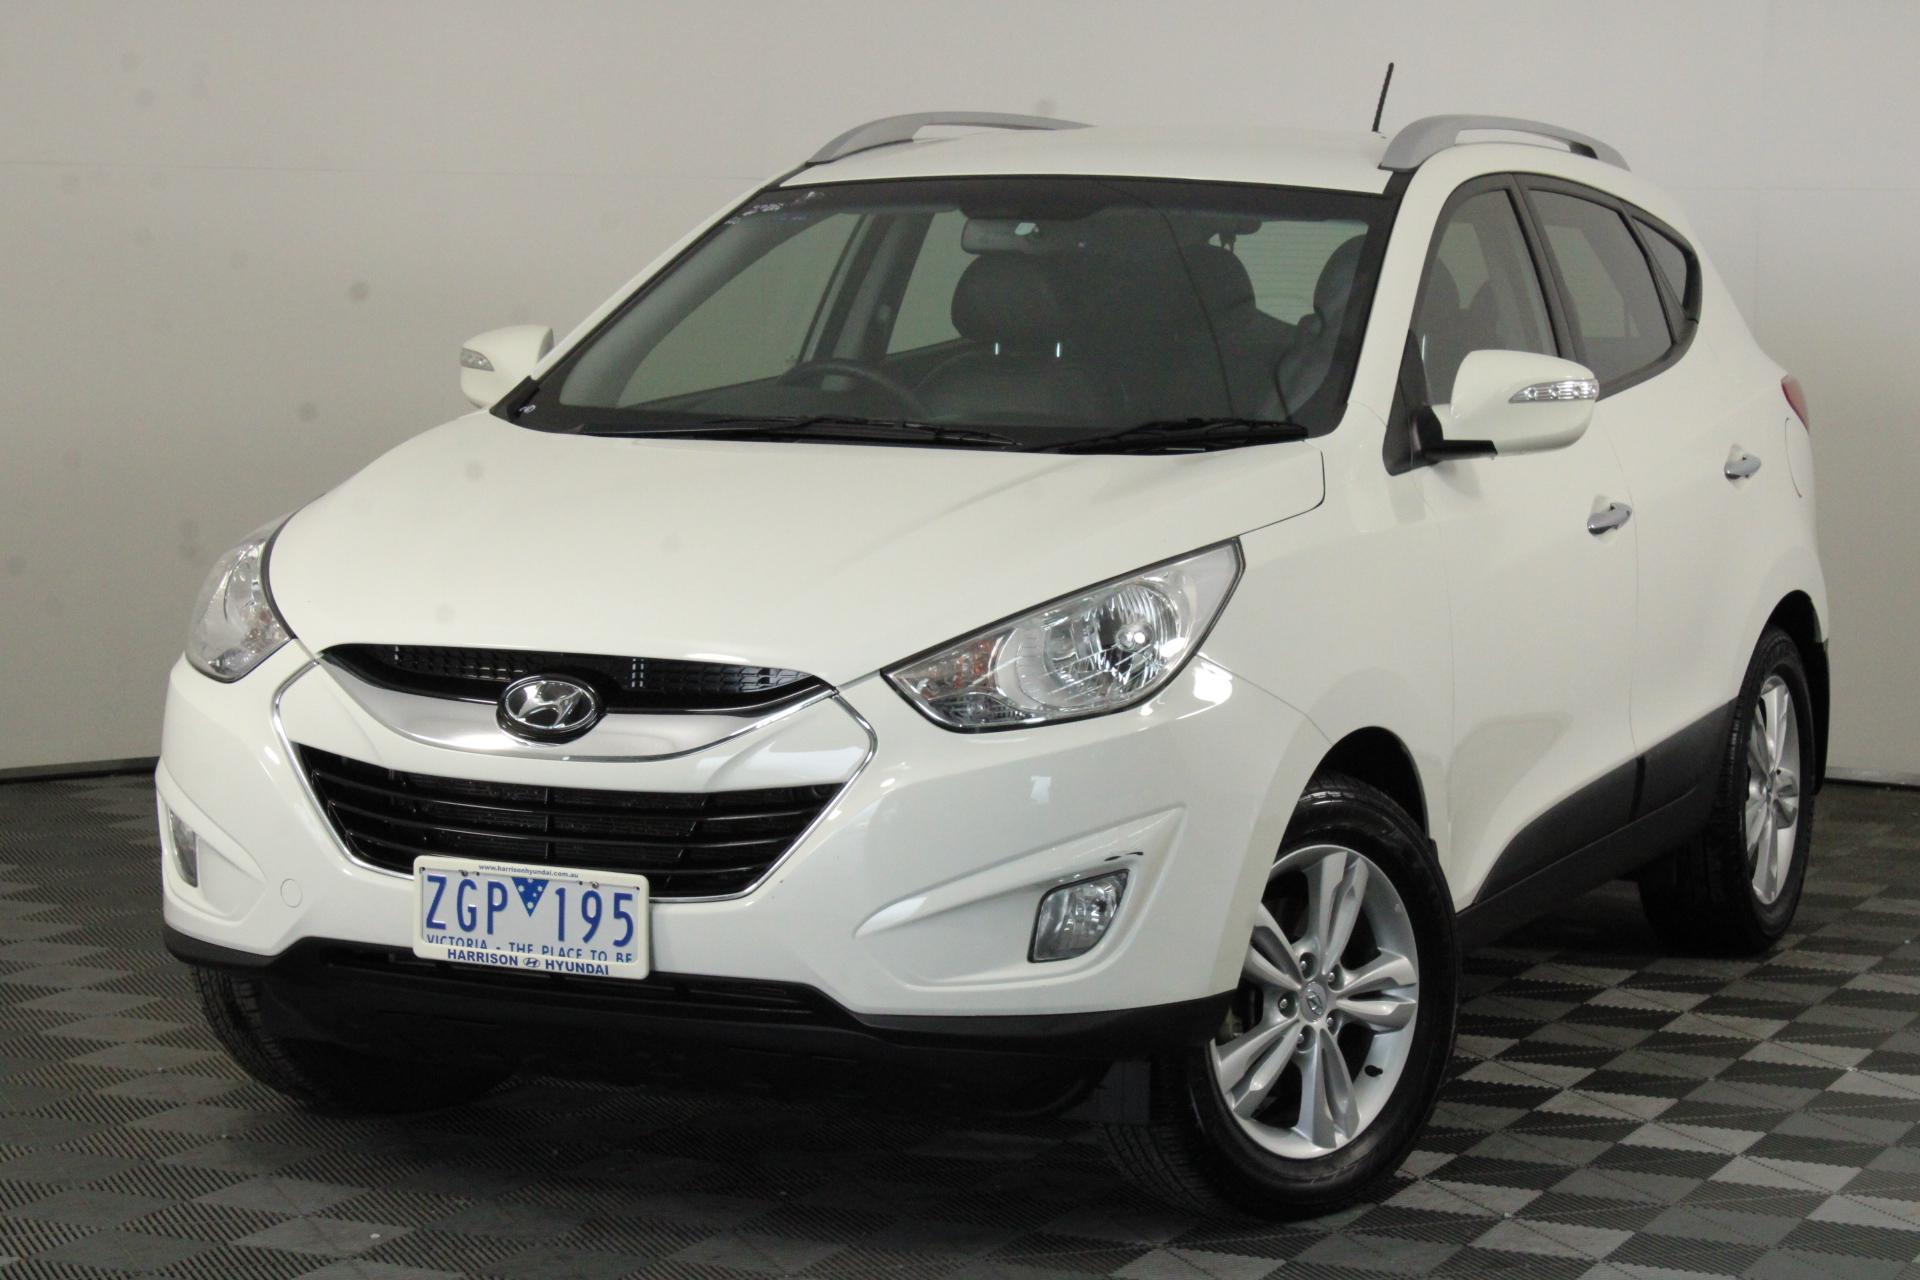 2012 Hyundai iX35 Elite FWD LM Automatic Wagon